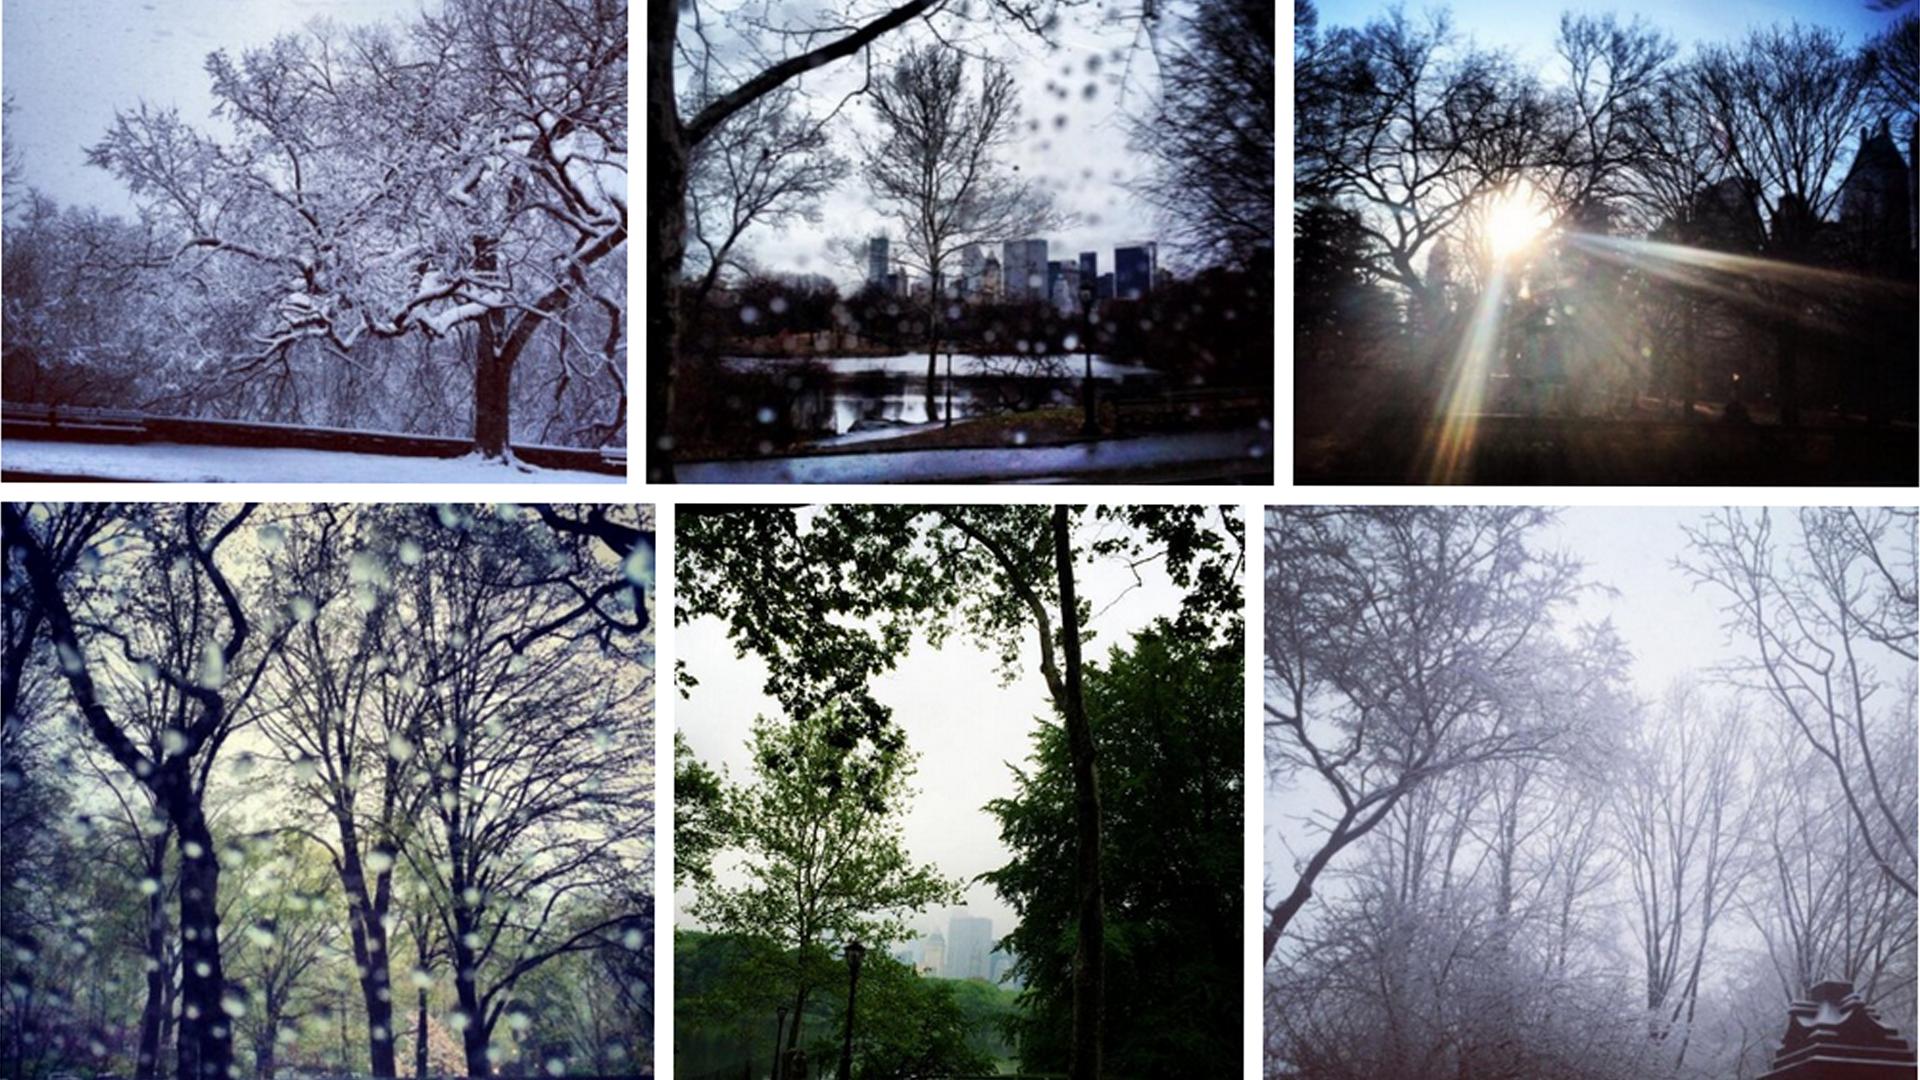 Fotos compartidas de lo que parecía ser una caminata en Central Park ( Twitter Melania Trump)